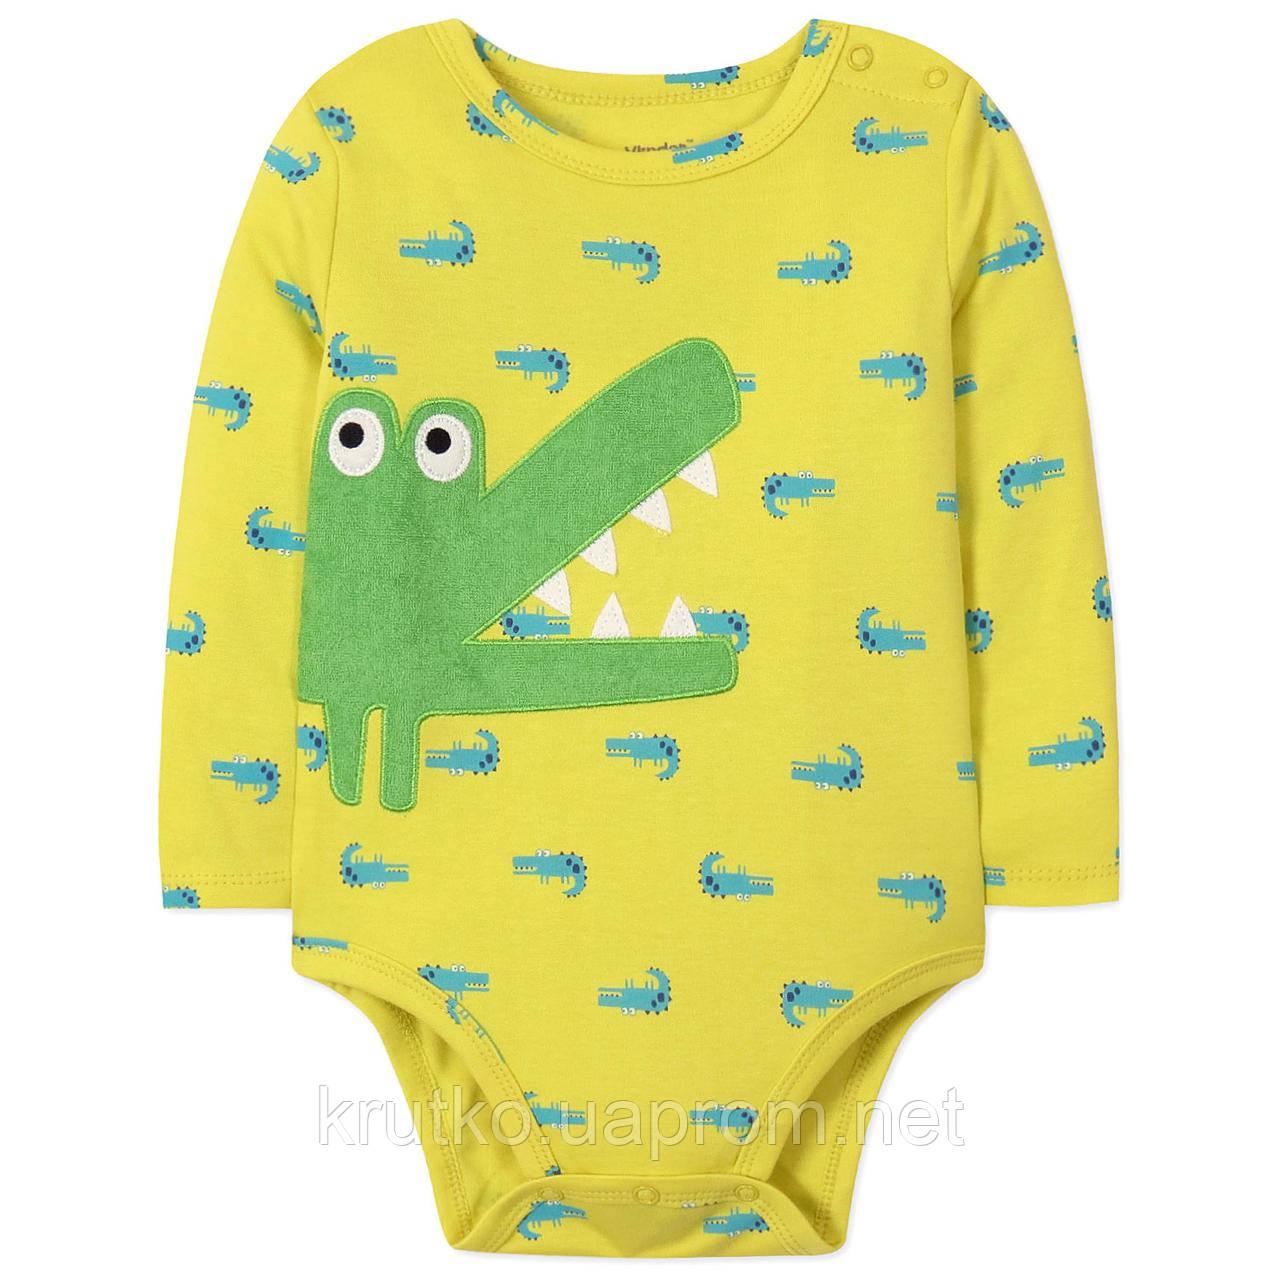 Боди для мальчика Крокодил Vlinder